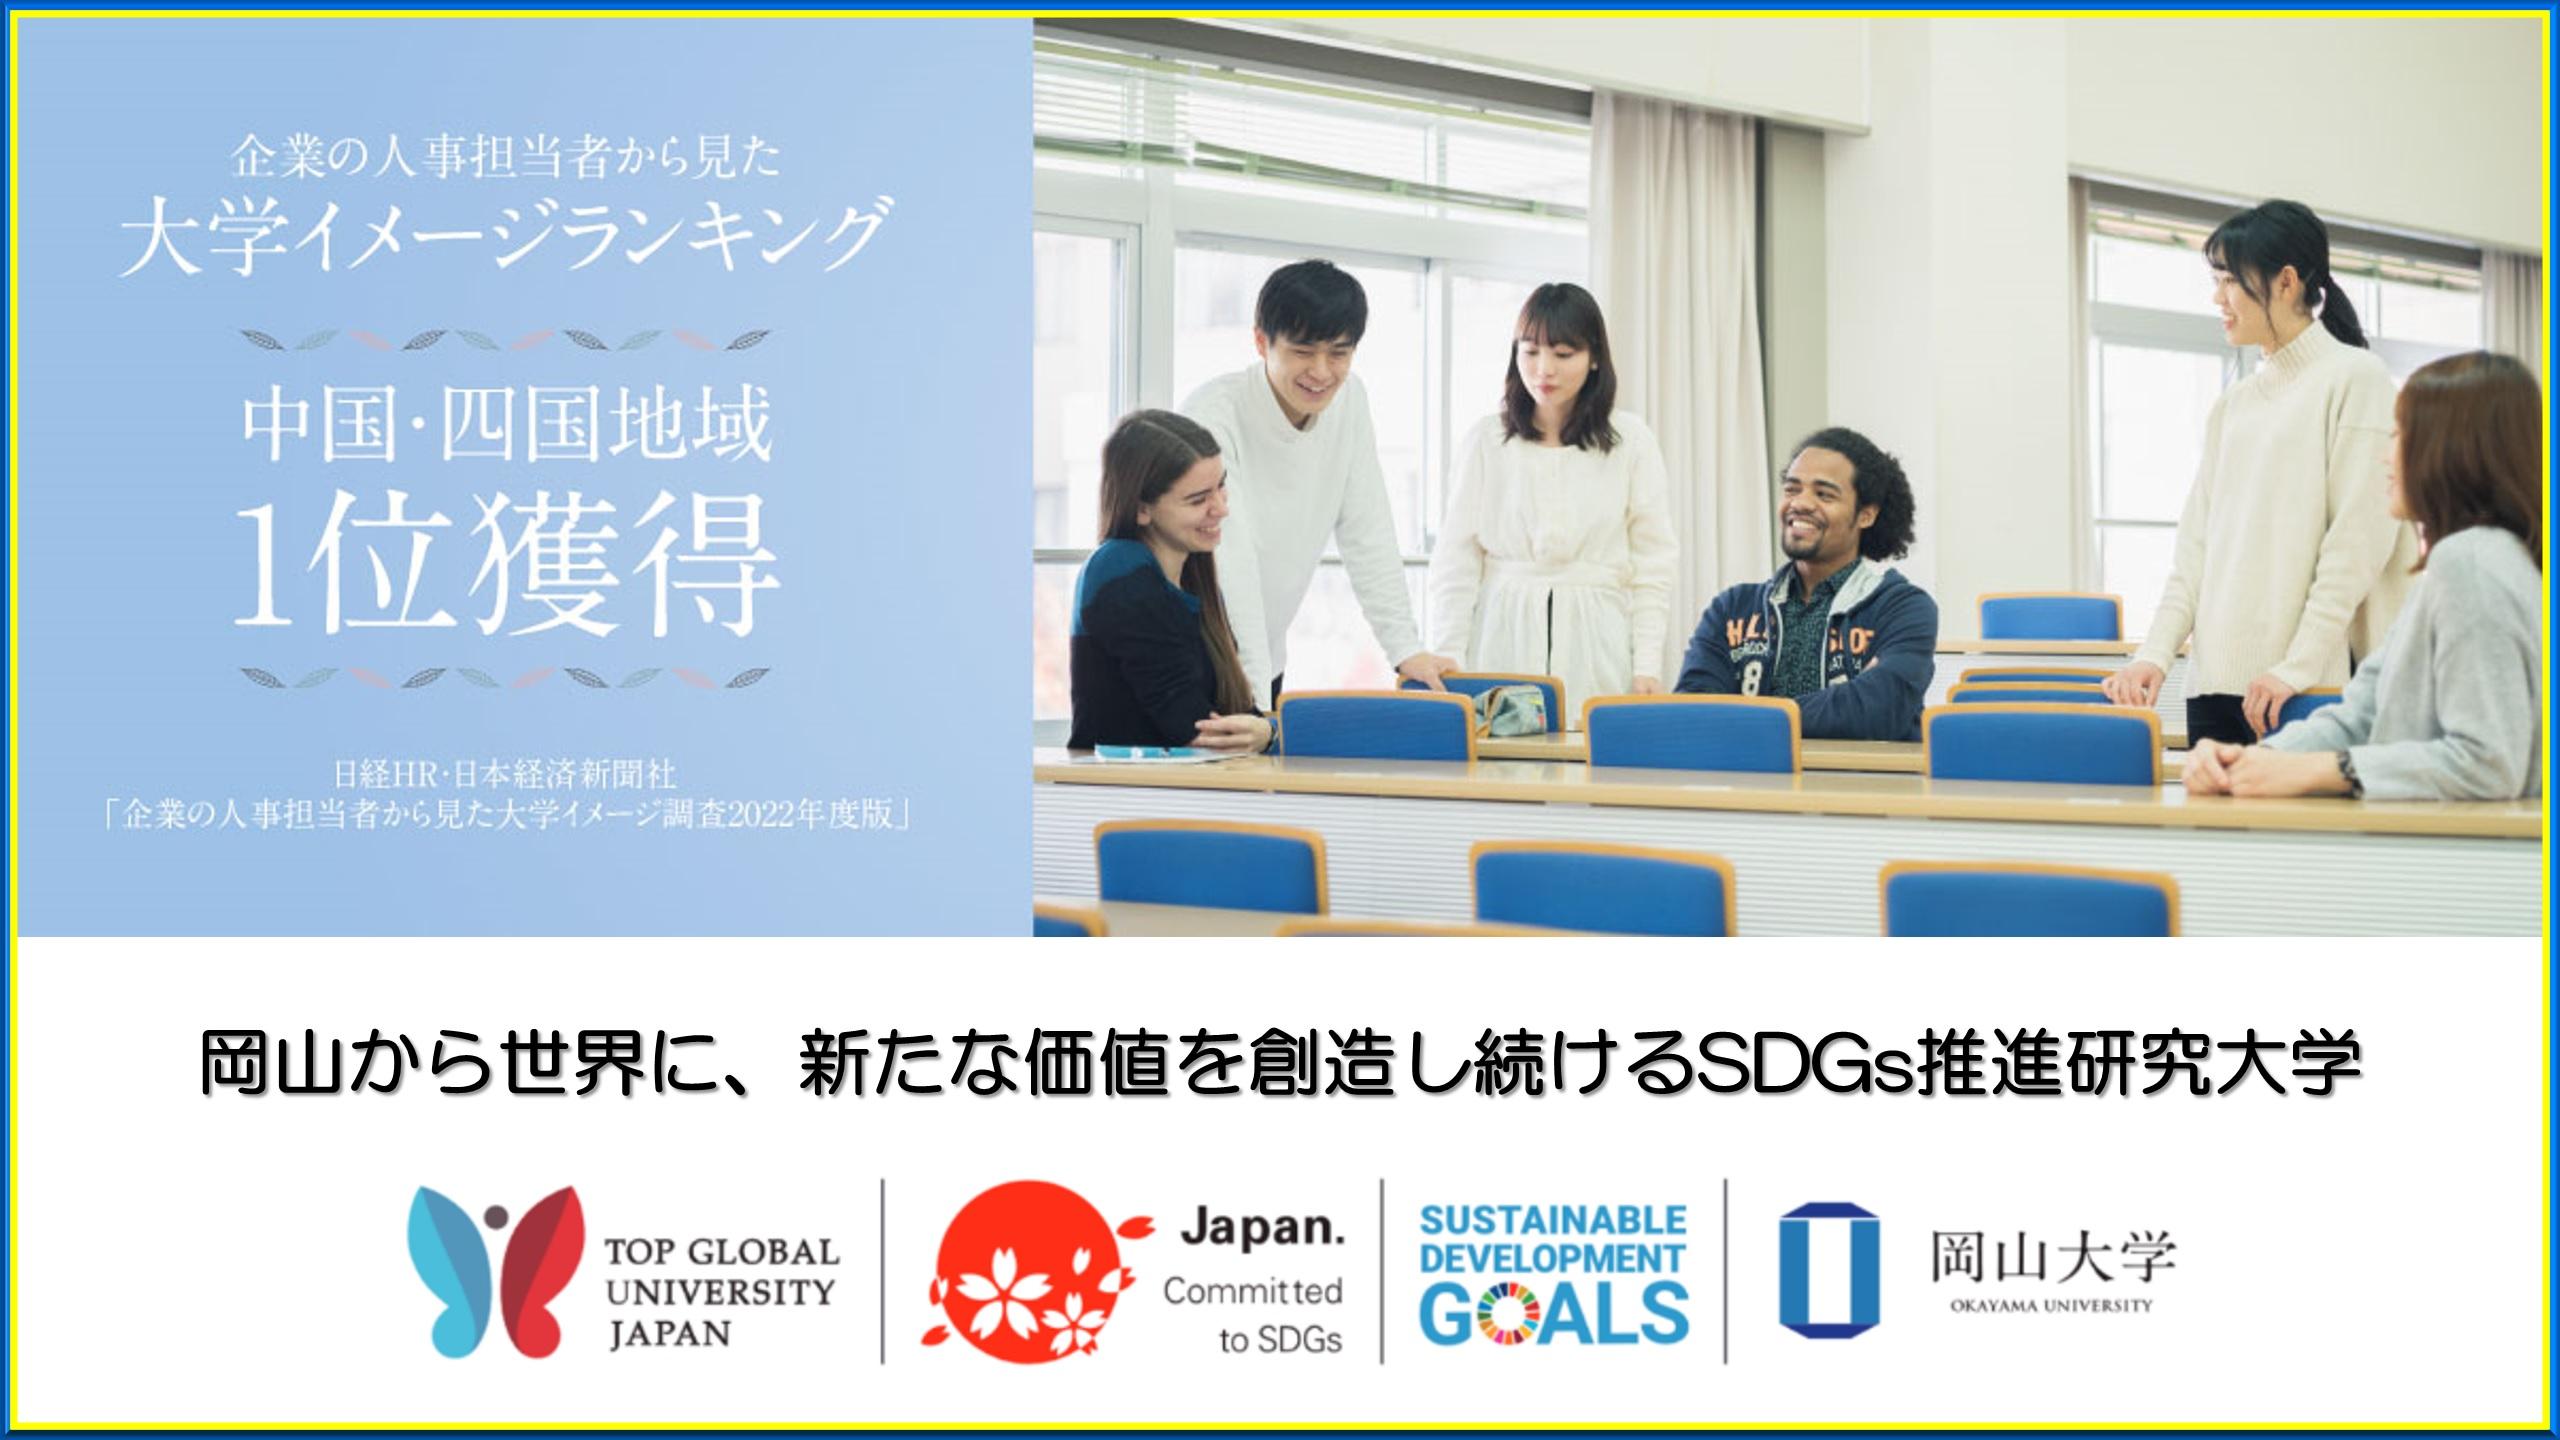 【岡山大学】企業の人事担当者から見た大学イメージランキングで、岡山大学が中国・四国1位に!